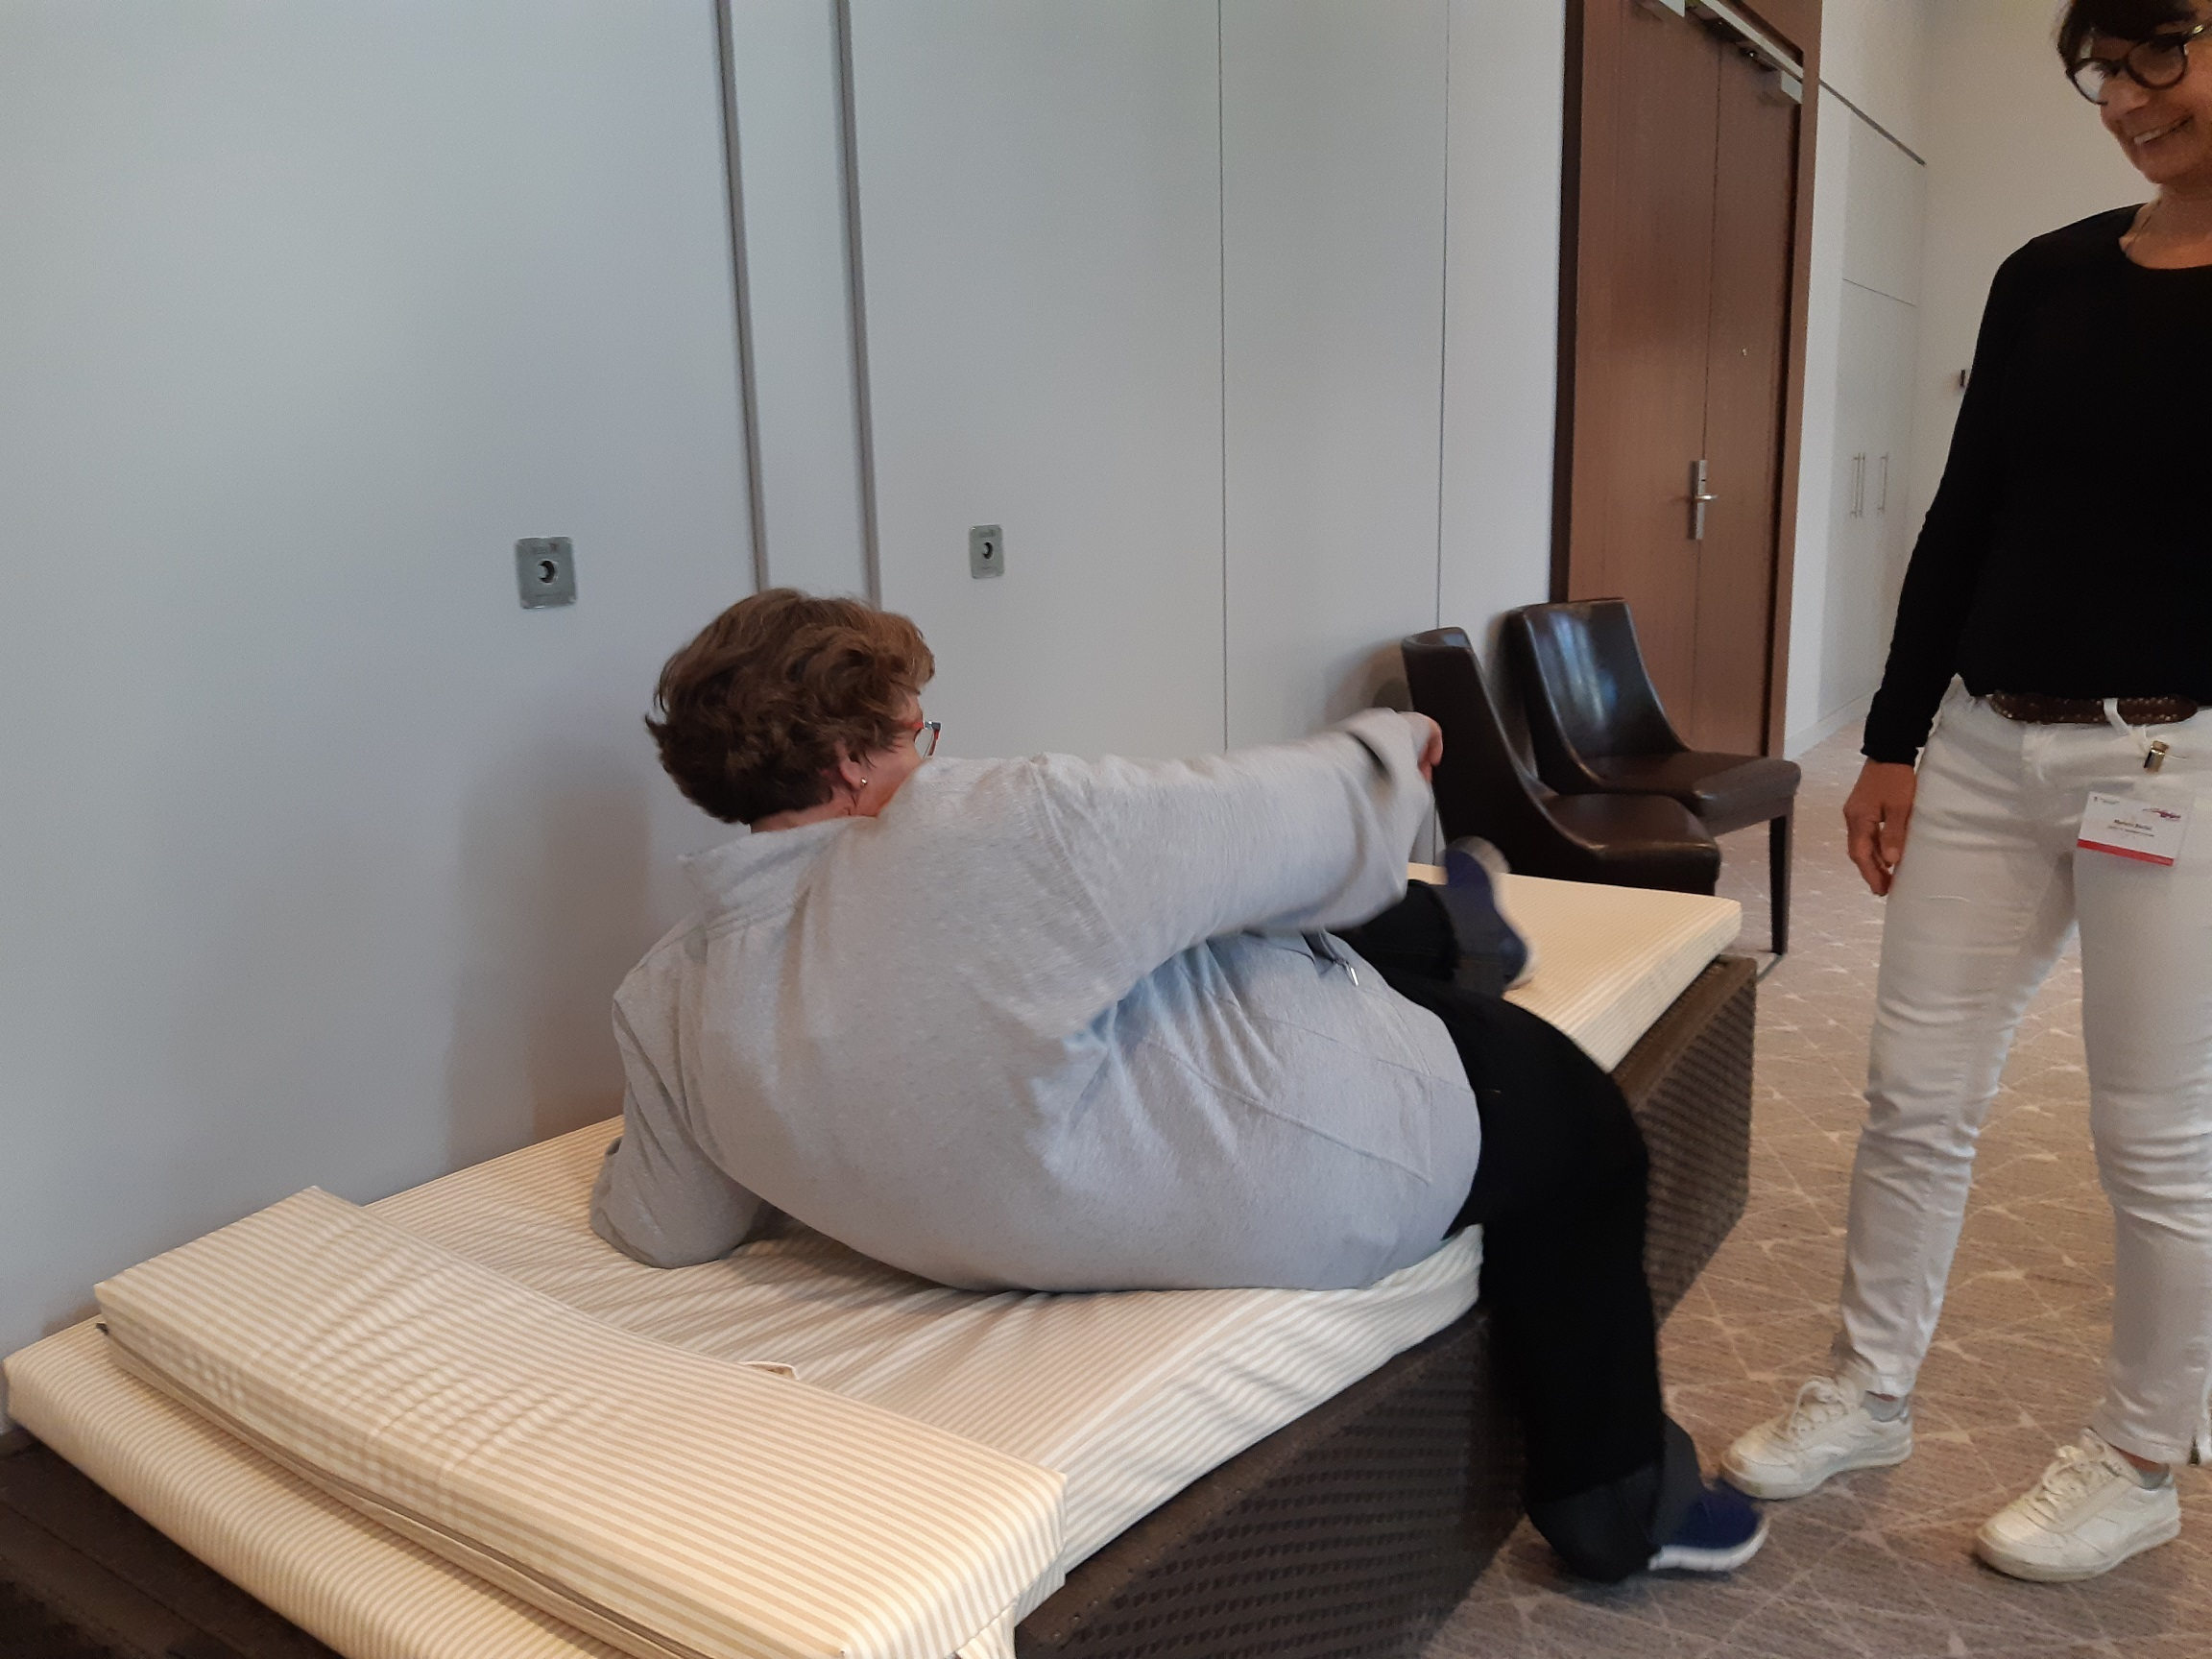 Alterssimulation und Adipositassimulation: Im Körper des Patienten